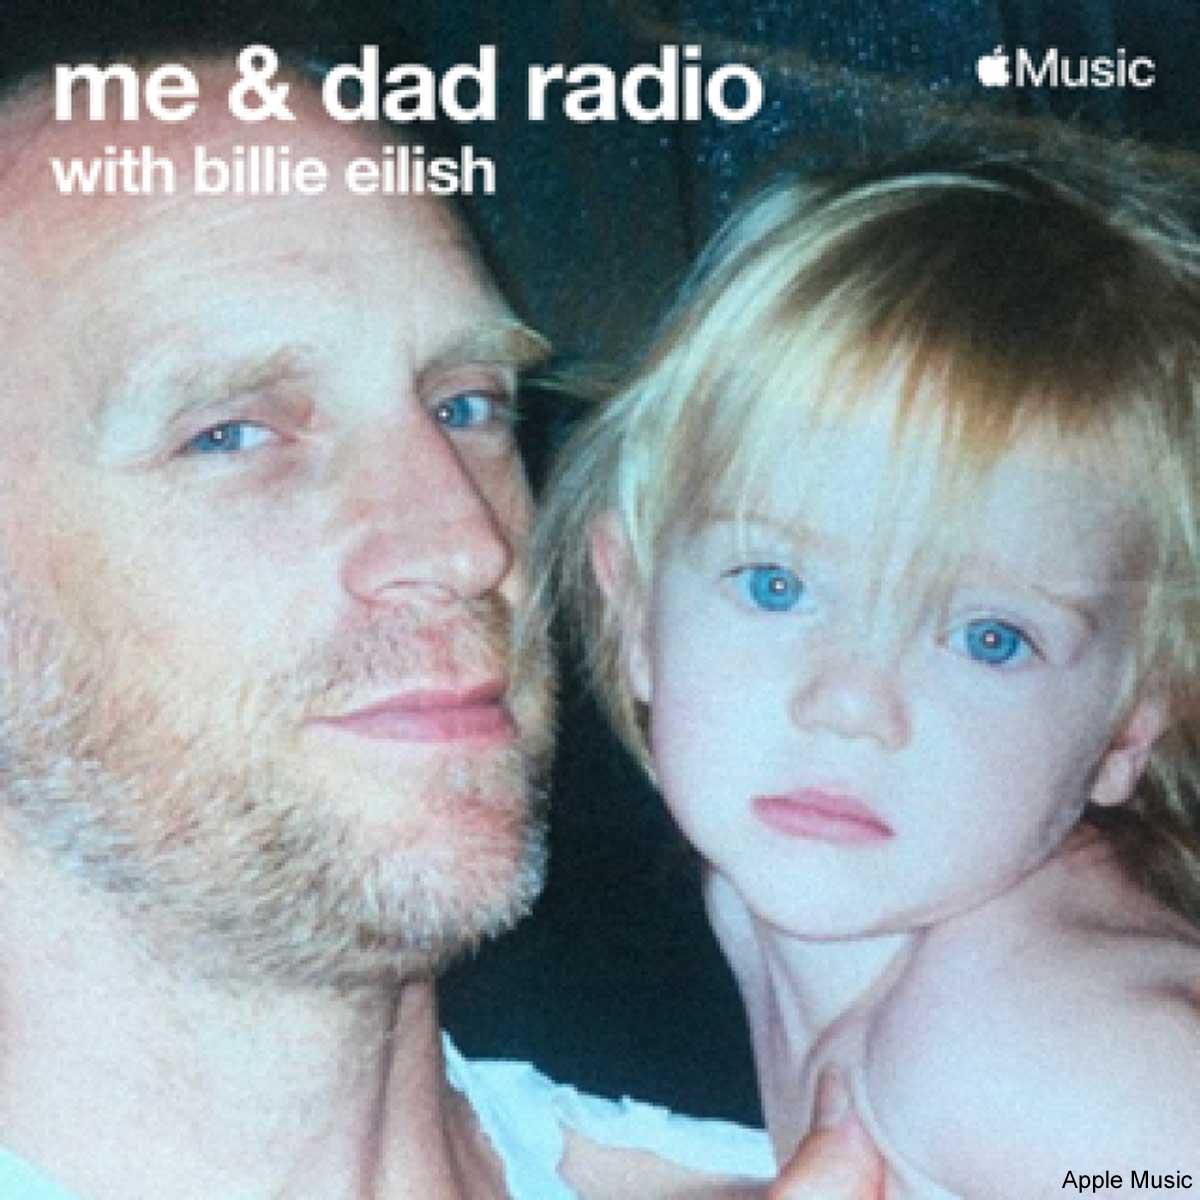 幼い時のビリー・アイリッシュと、父パトリック・オコネル